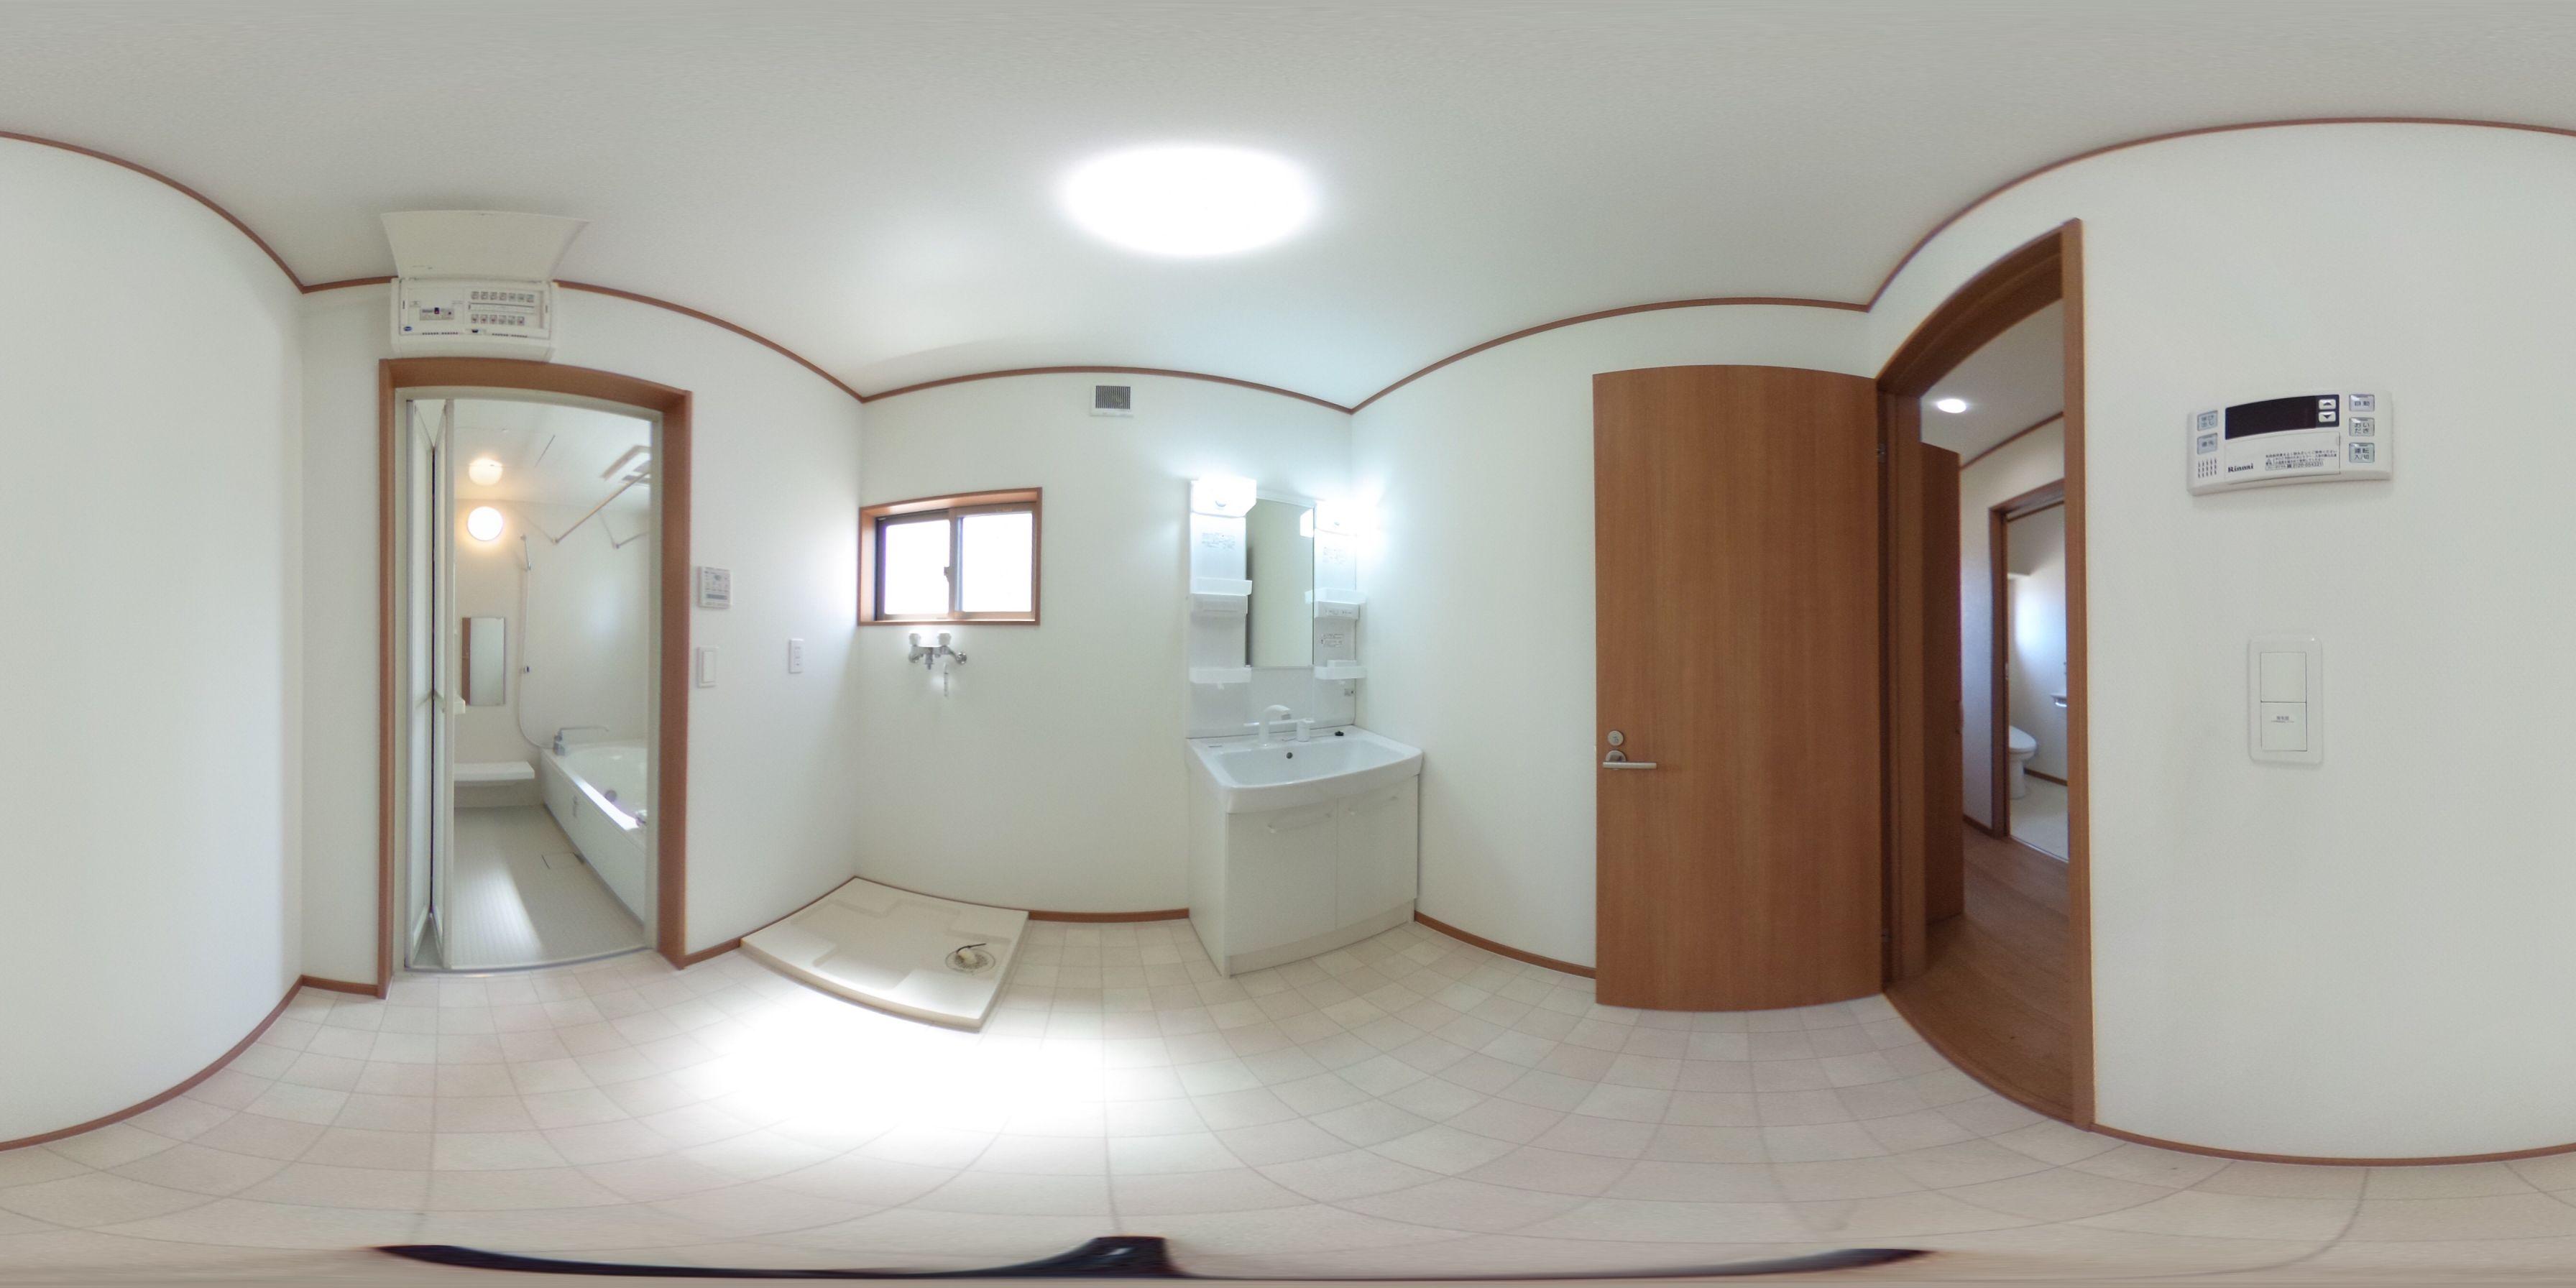 徳島市南沖洲 一戸建て 3LDKパノラマ画像